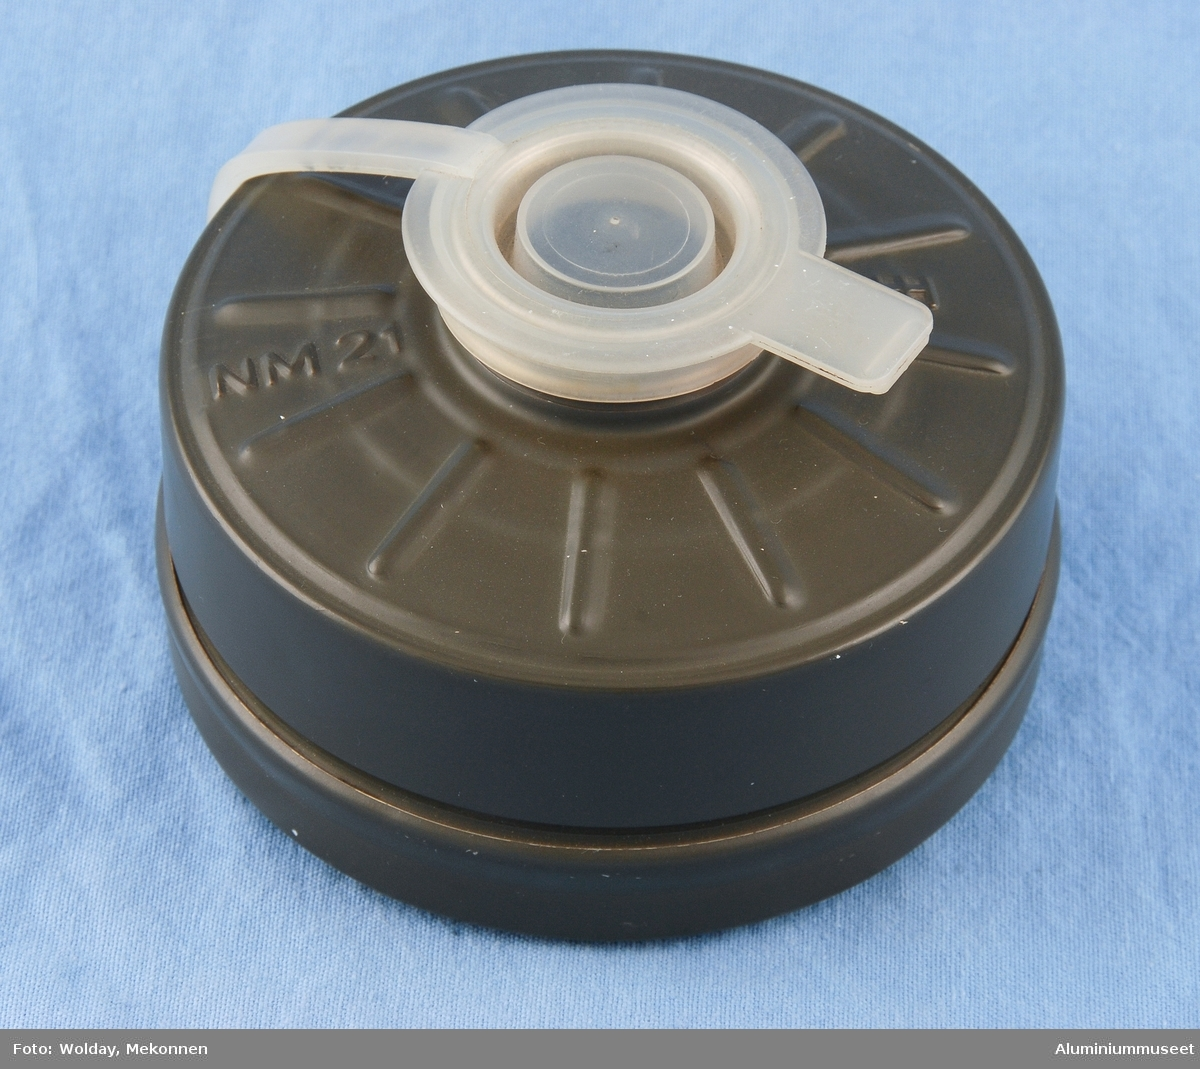 Teknikk: Boks, lokk, støtte for silplate, to stk.silplater og støtte for papirfilter ble utstanset i ett trekk fra prelakkerte bånd. Form: Sylindrisk form